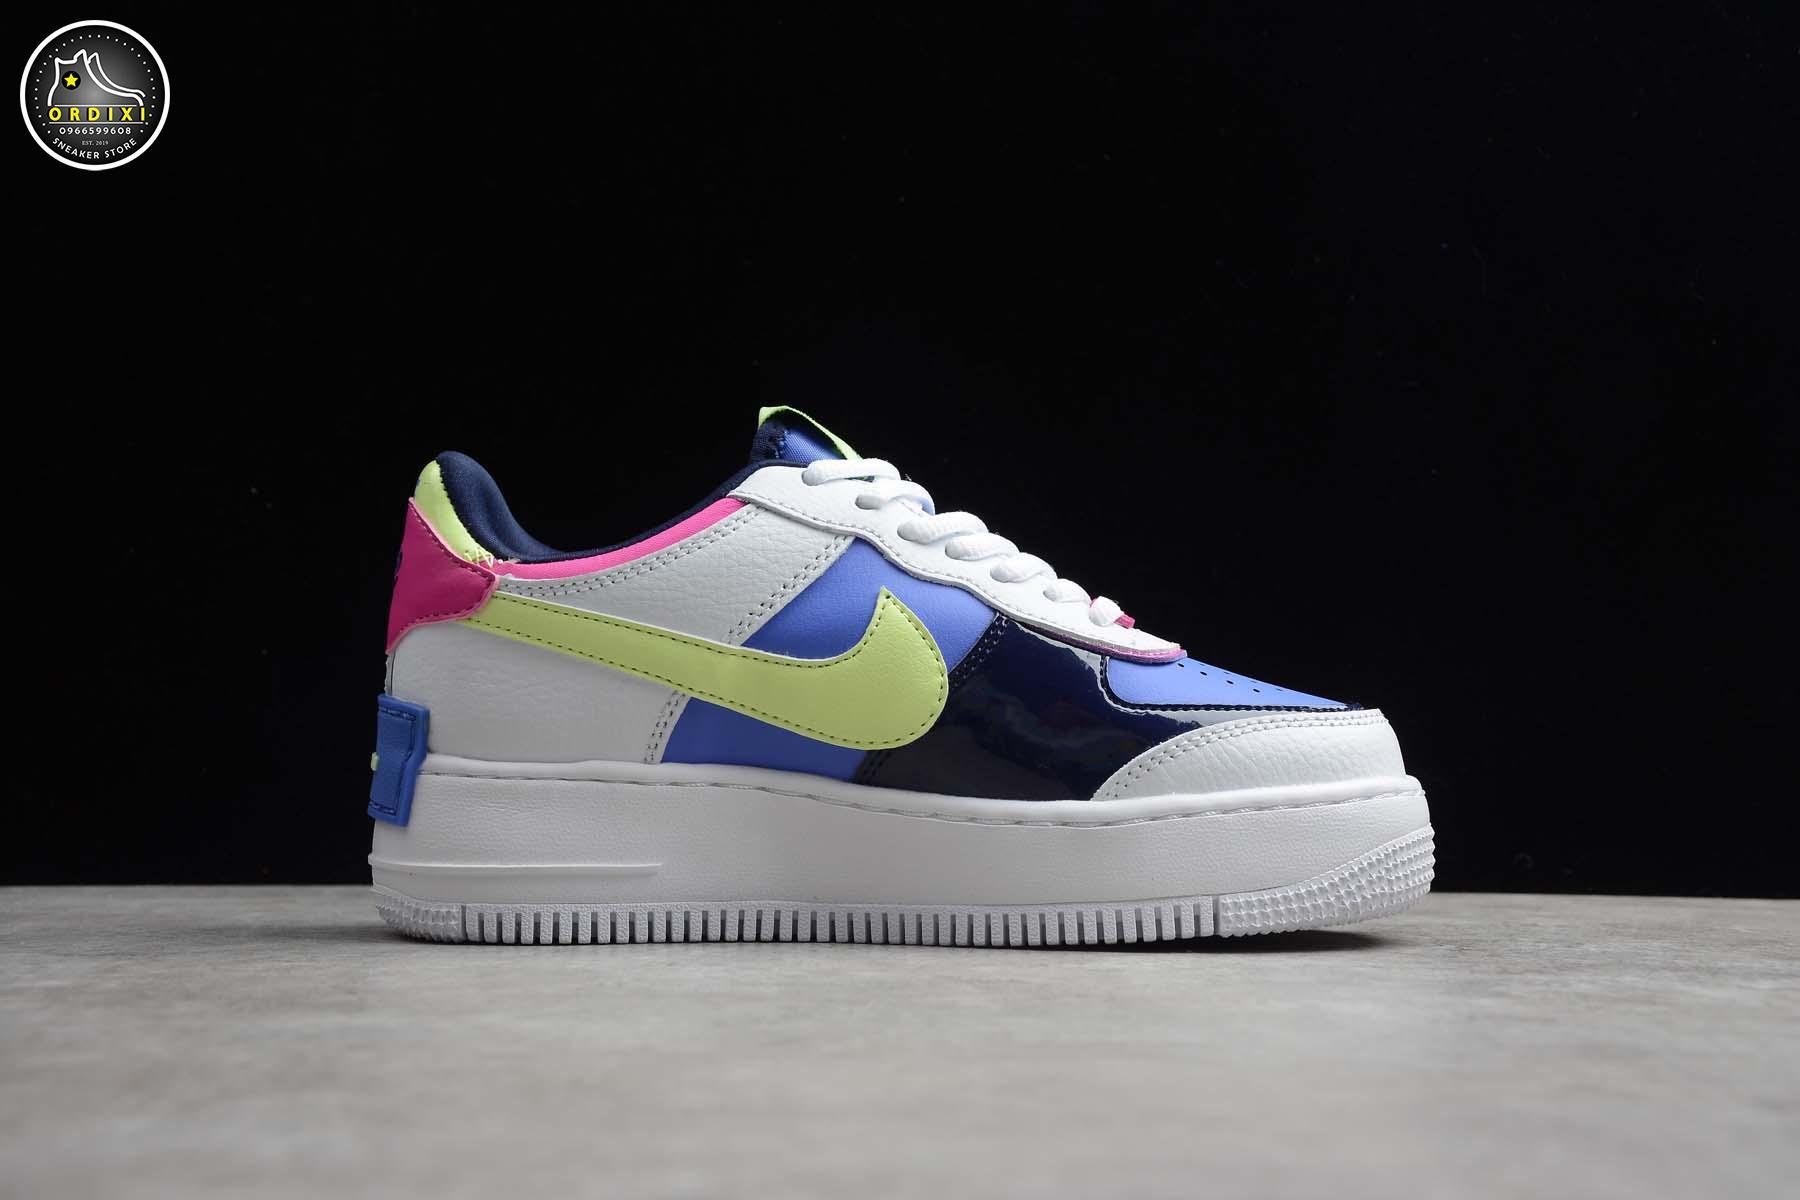 Nike Air Force 1 Shadow Sapphire White Cj1641 100 Ordixi Com Nike air force 1 '07 se 女子運動鞋. nike air force 1 shadow sapphire white cj1641 100 ordixi com